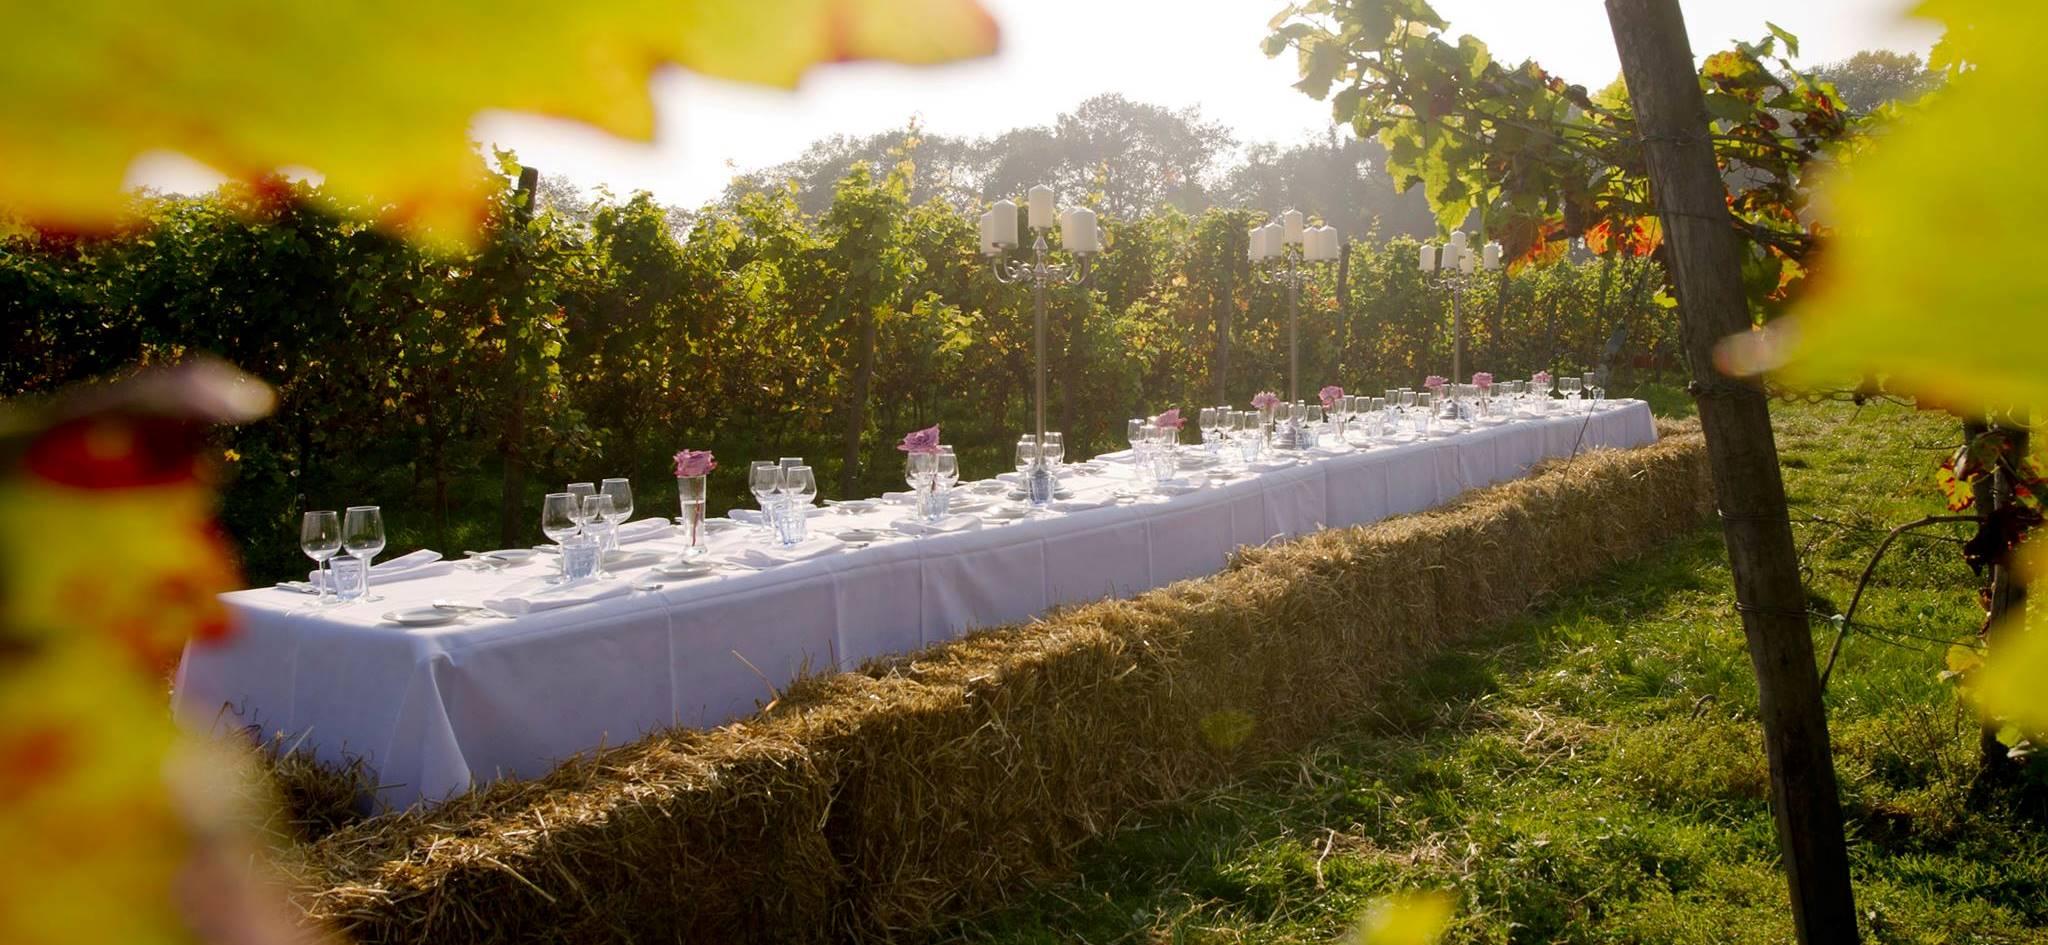 Boenders Catering - Twents Wijngaard Diner - Publieke events